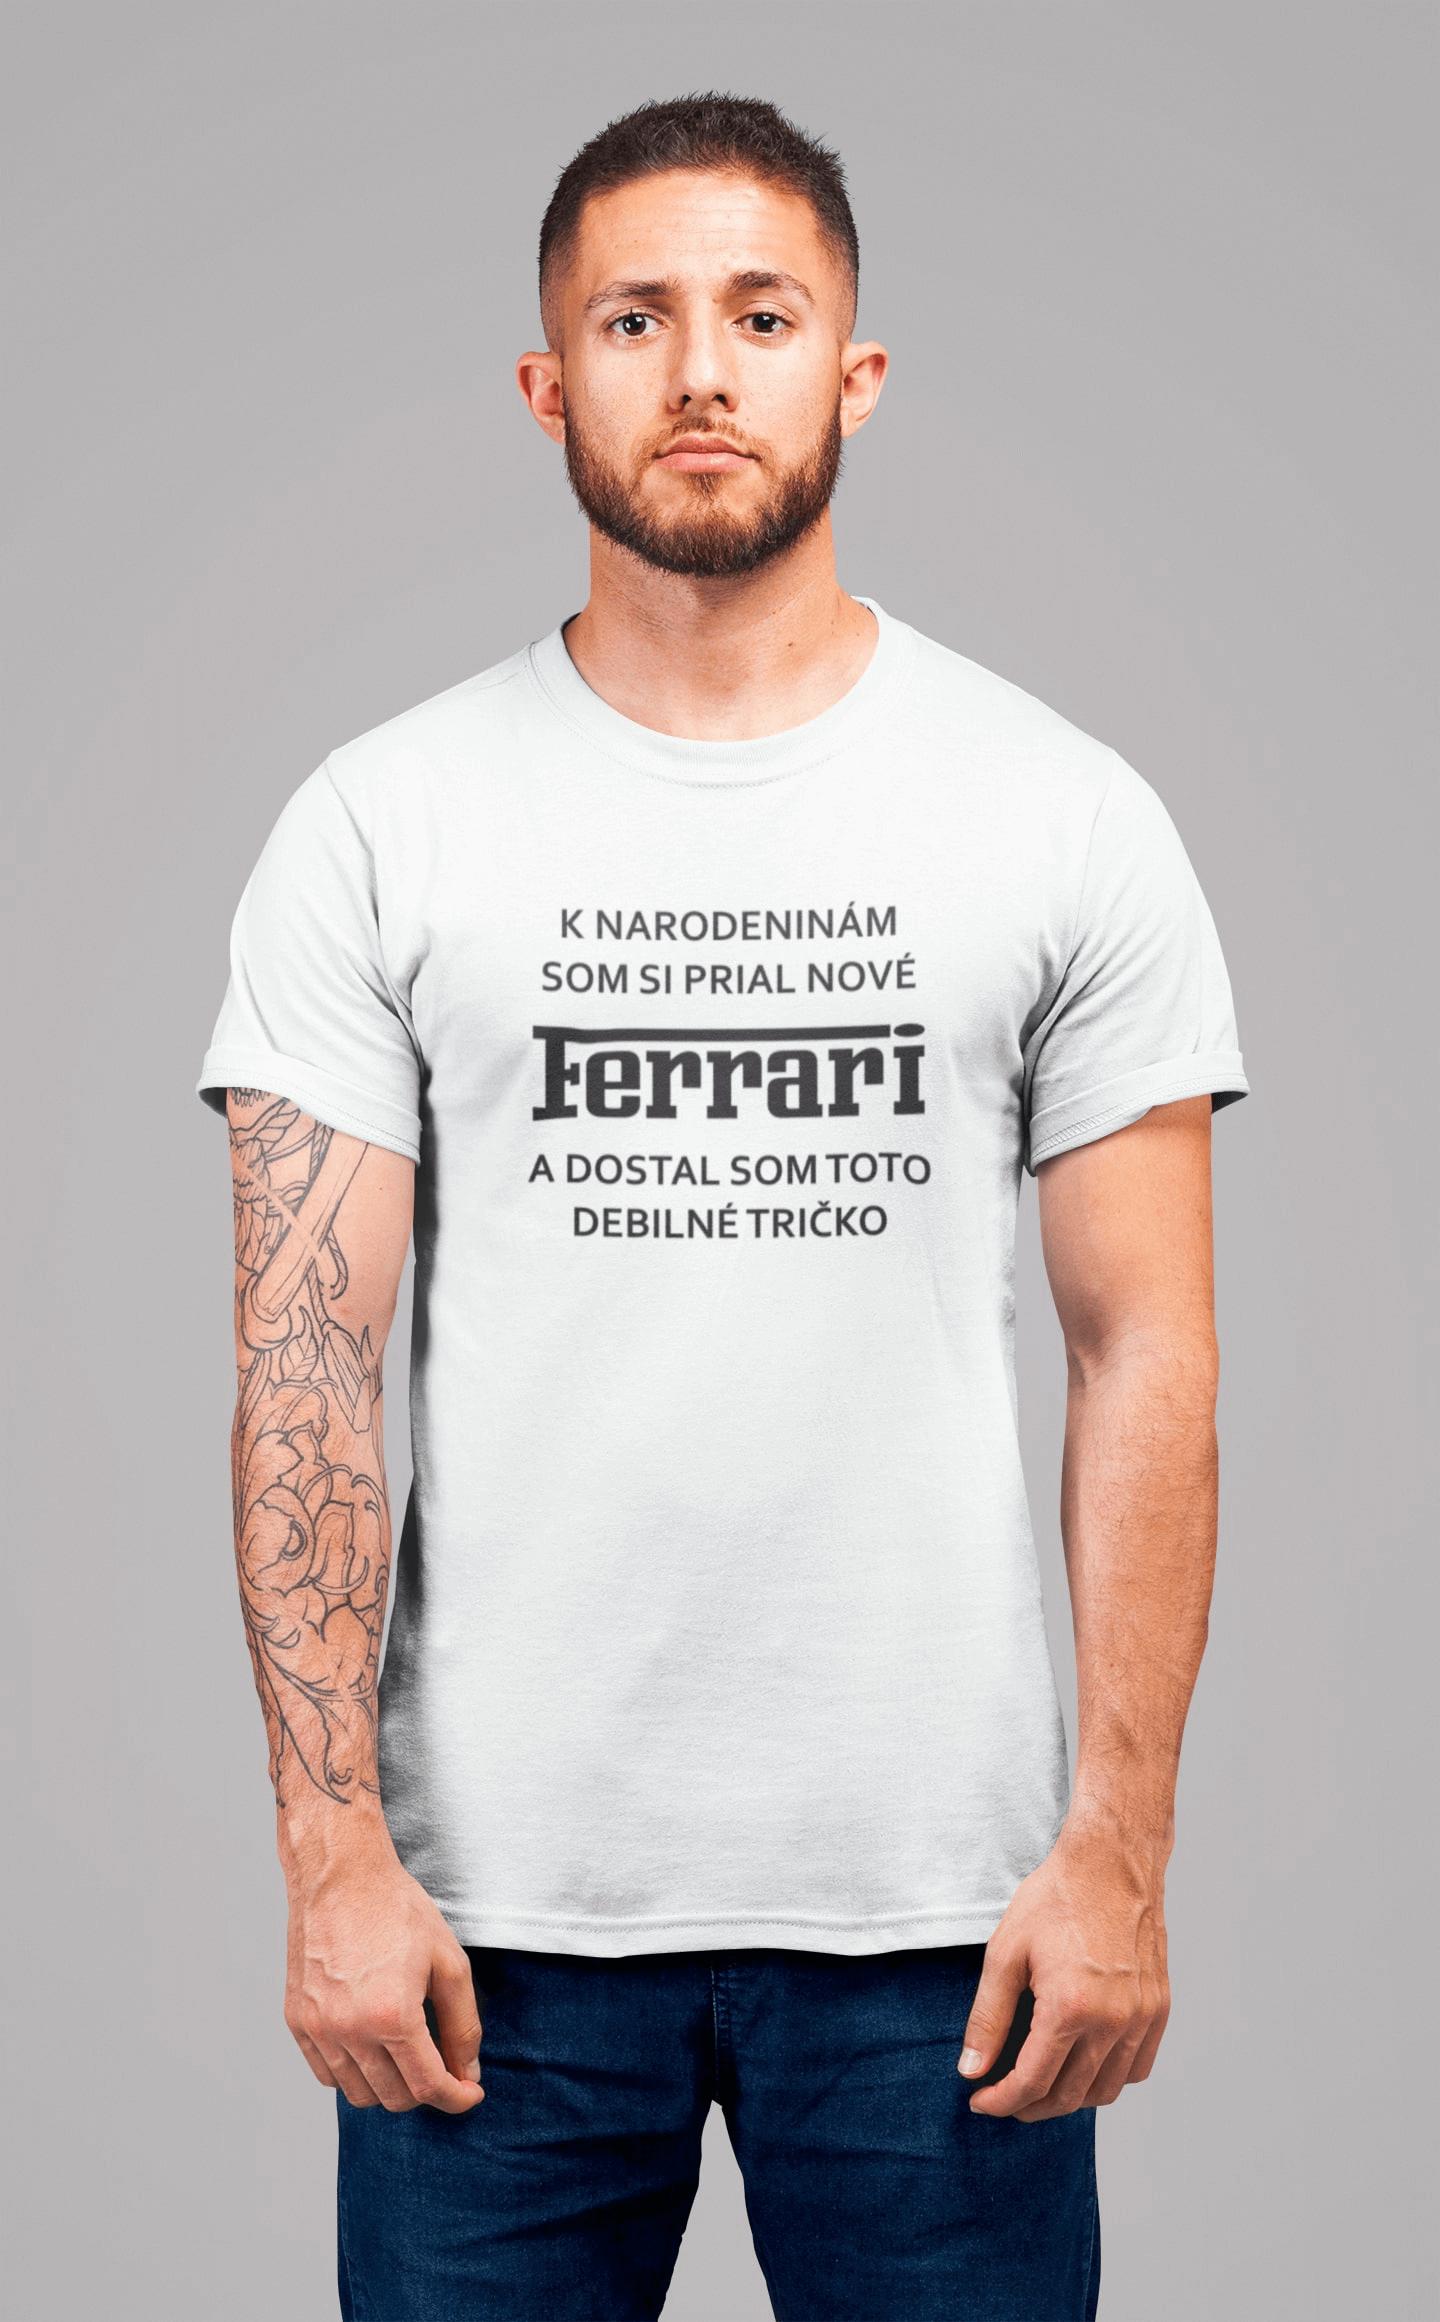 MMO Pánske tričko FERRARI Vyberte farbu: Biela, Pánska veľkosť: S